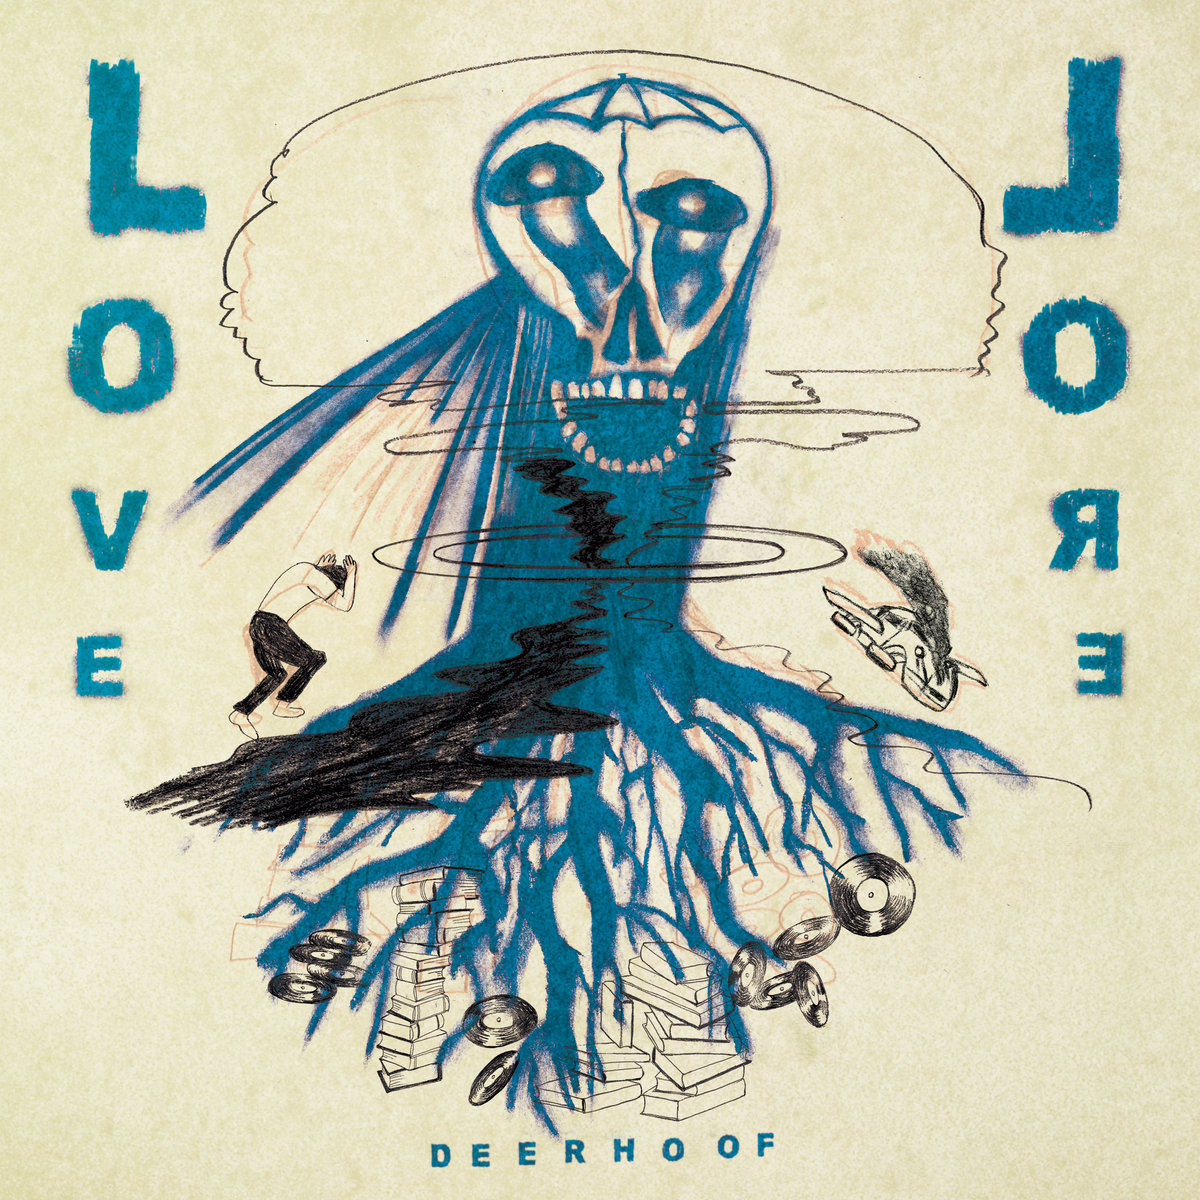 Love-Lore Deerhoof